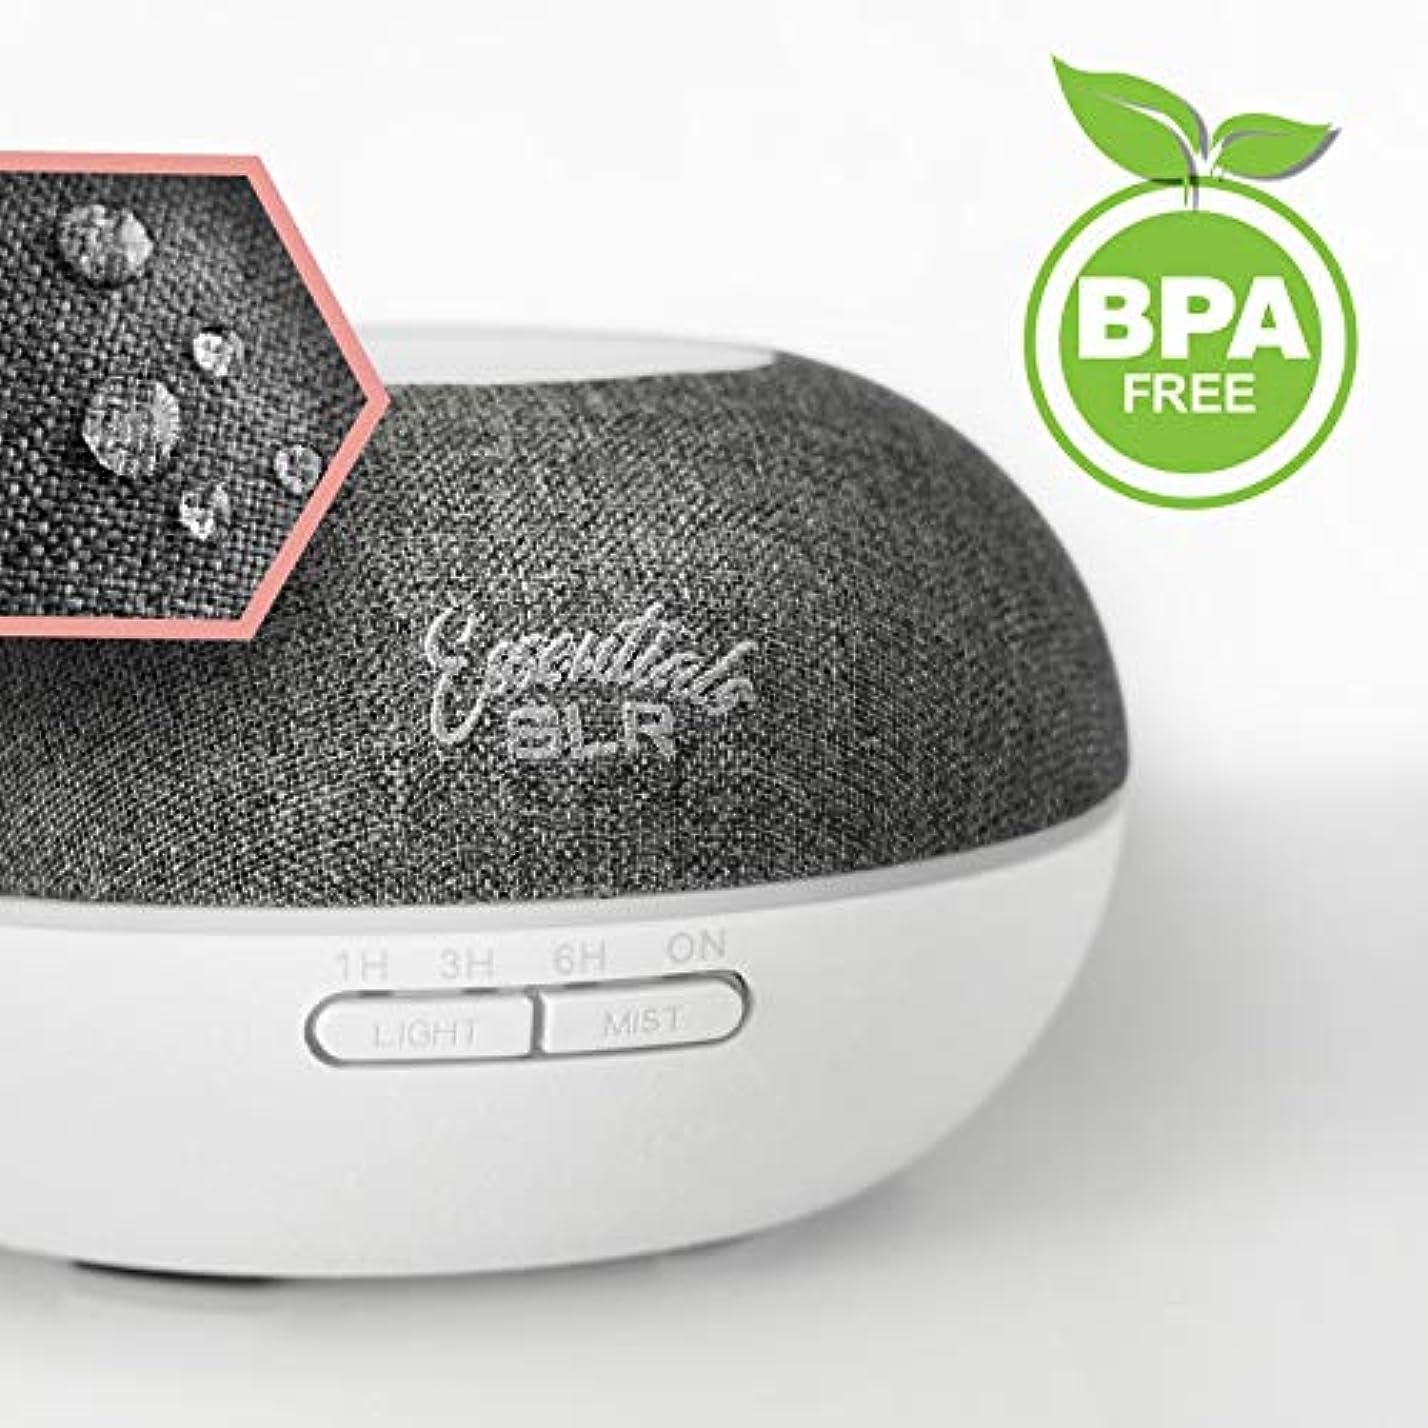 さらに作曲するソファーSLR 500 ml Aromatherapy Essential Oil Large Diffuser BPAフリー超音波空気加湿器withマルチカラー変更LED、自動遮断 500ml SLR:900-00055